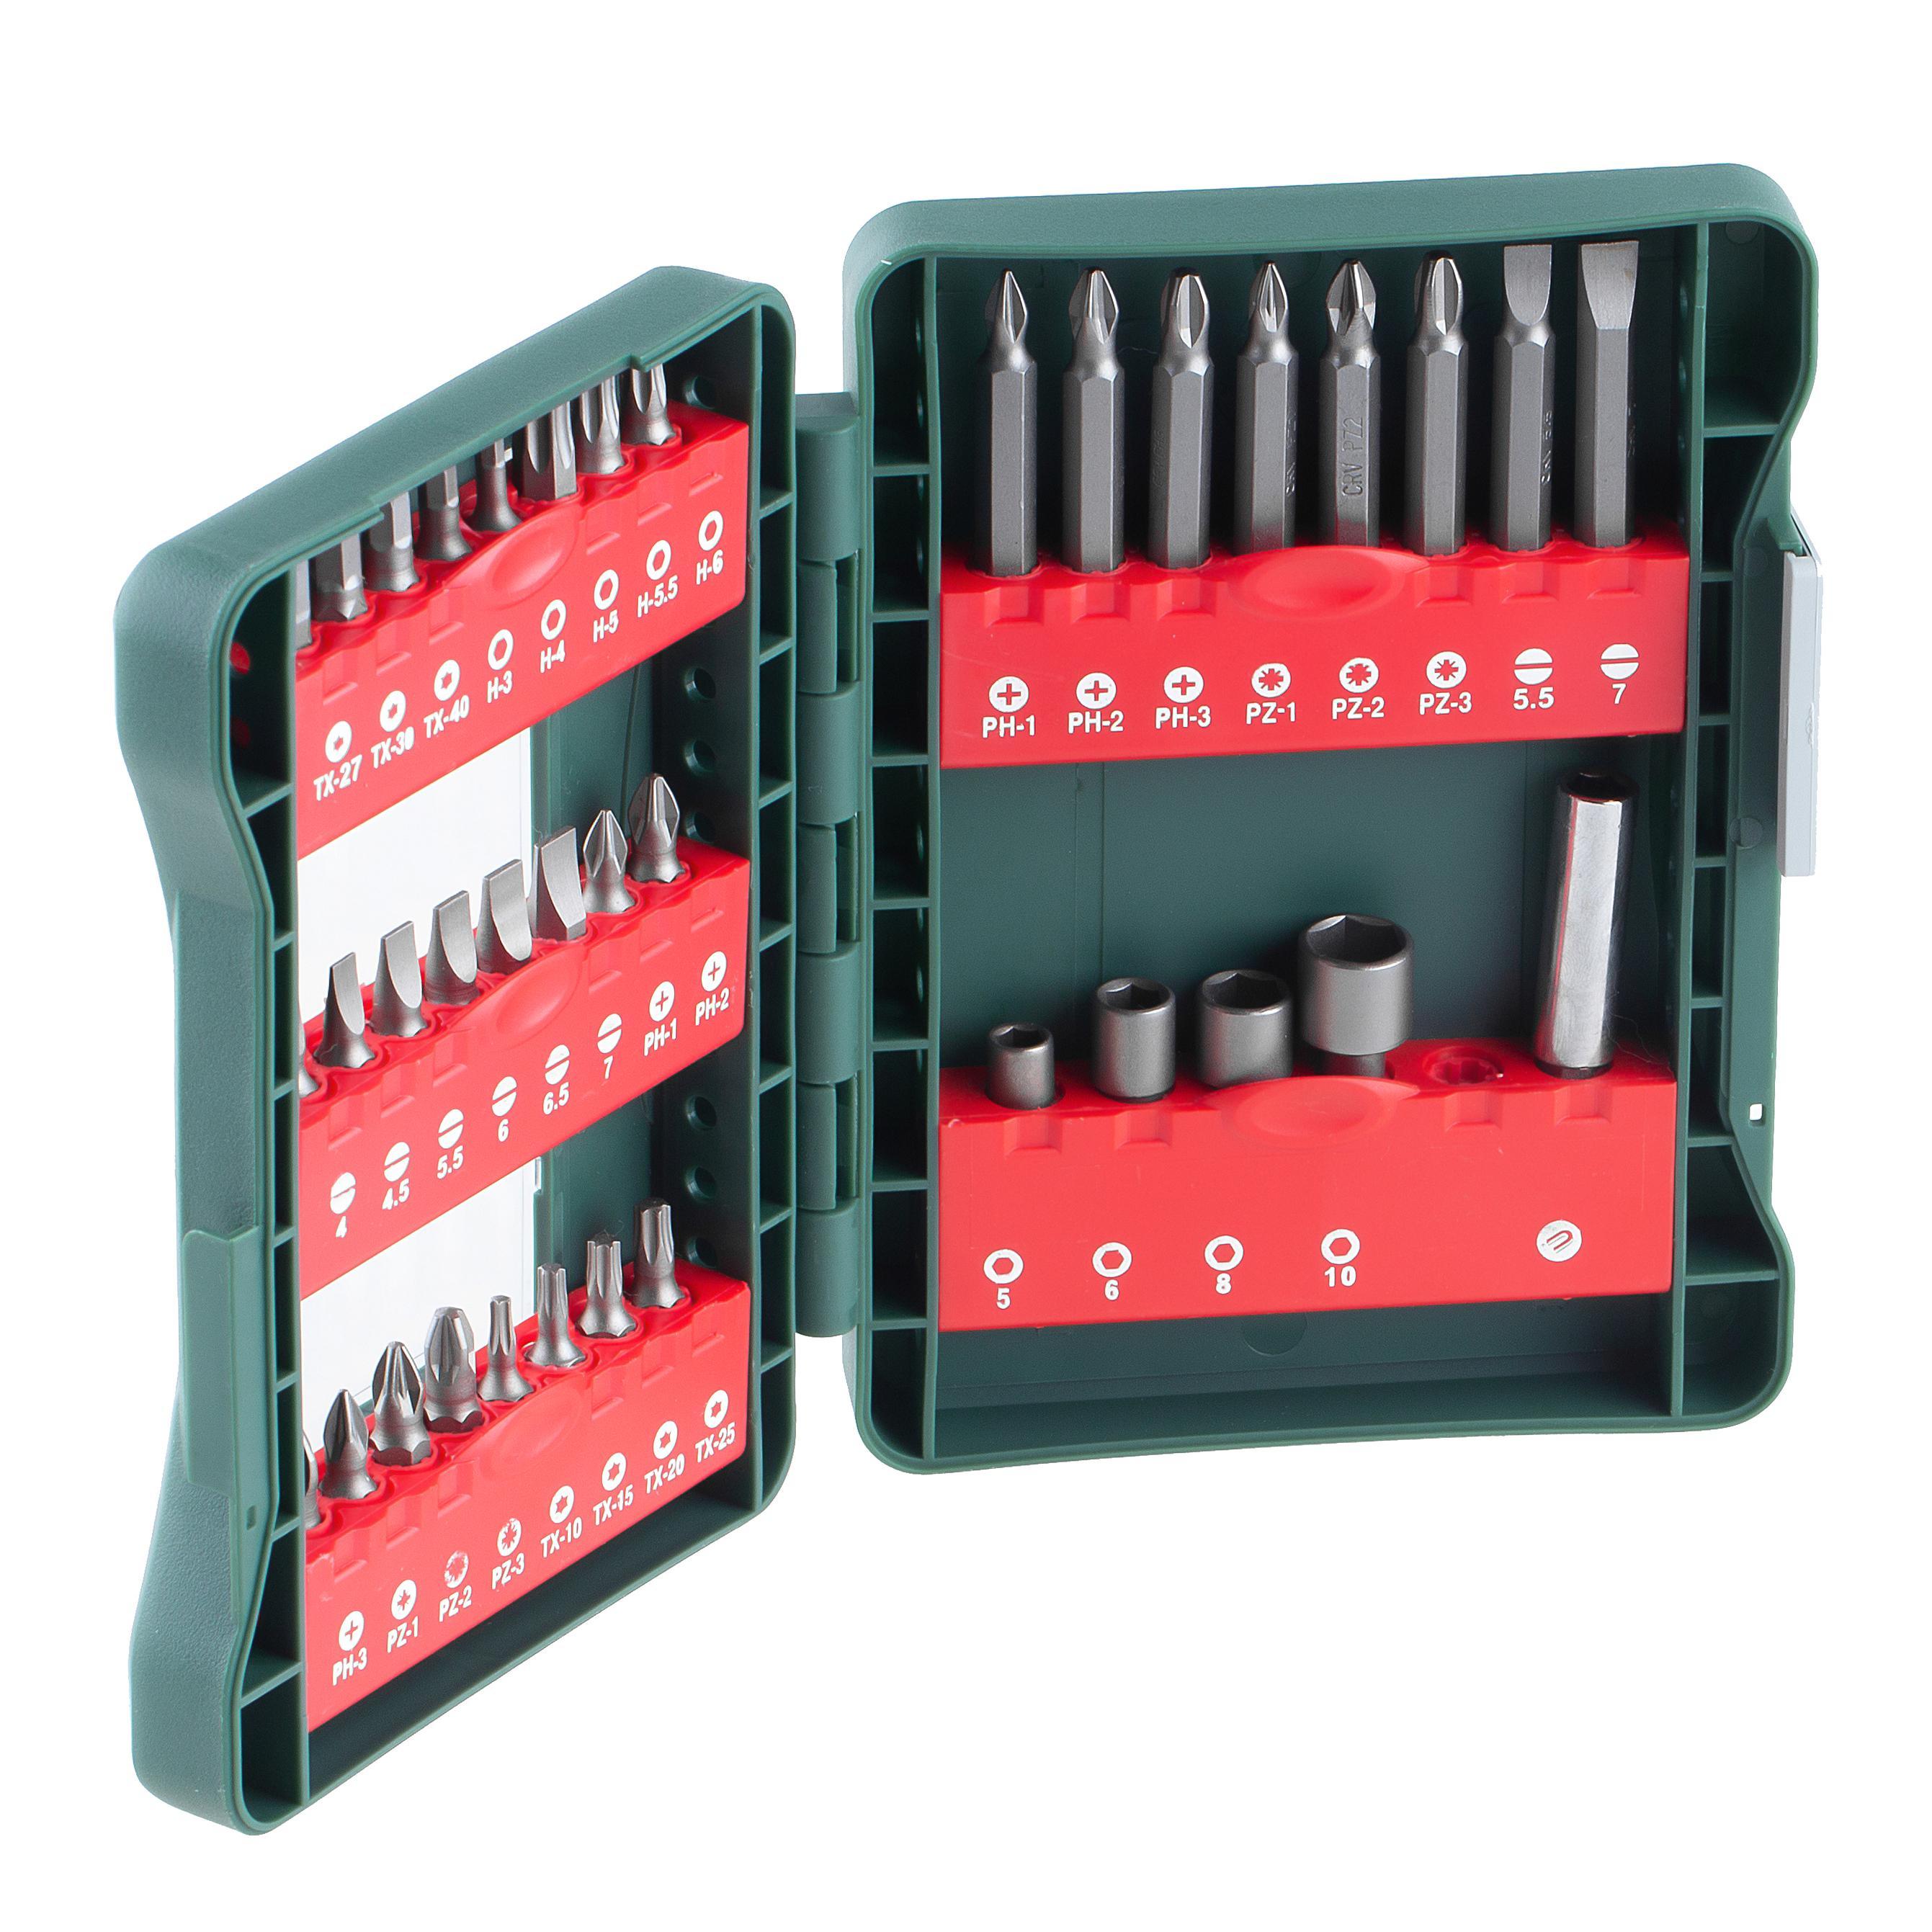 Набор бит Hammer Dr набор no20 37шт. набор буров hammer dr sds набор no2 6шт